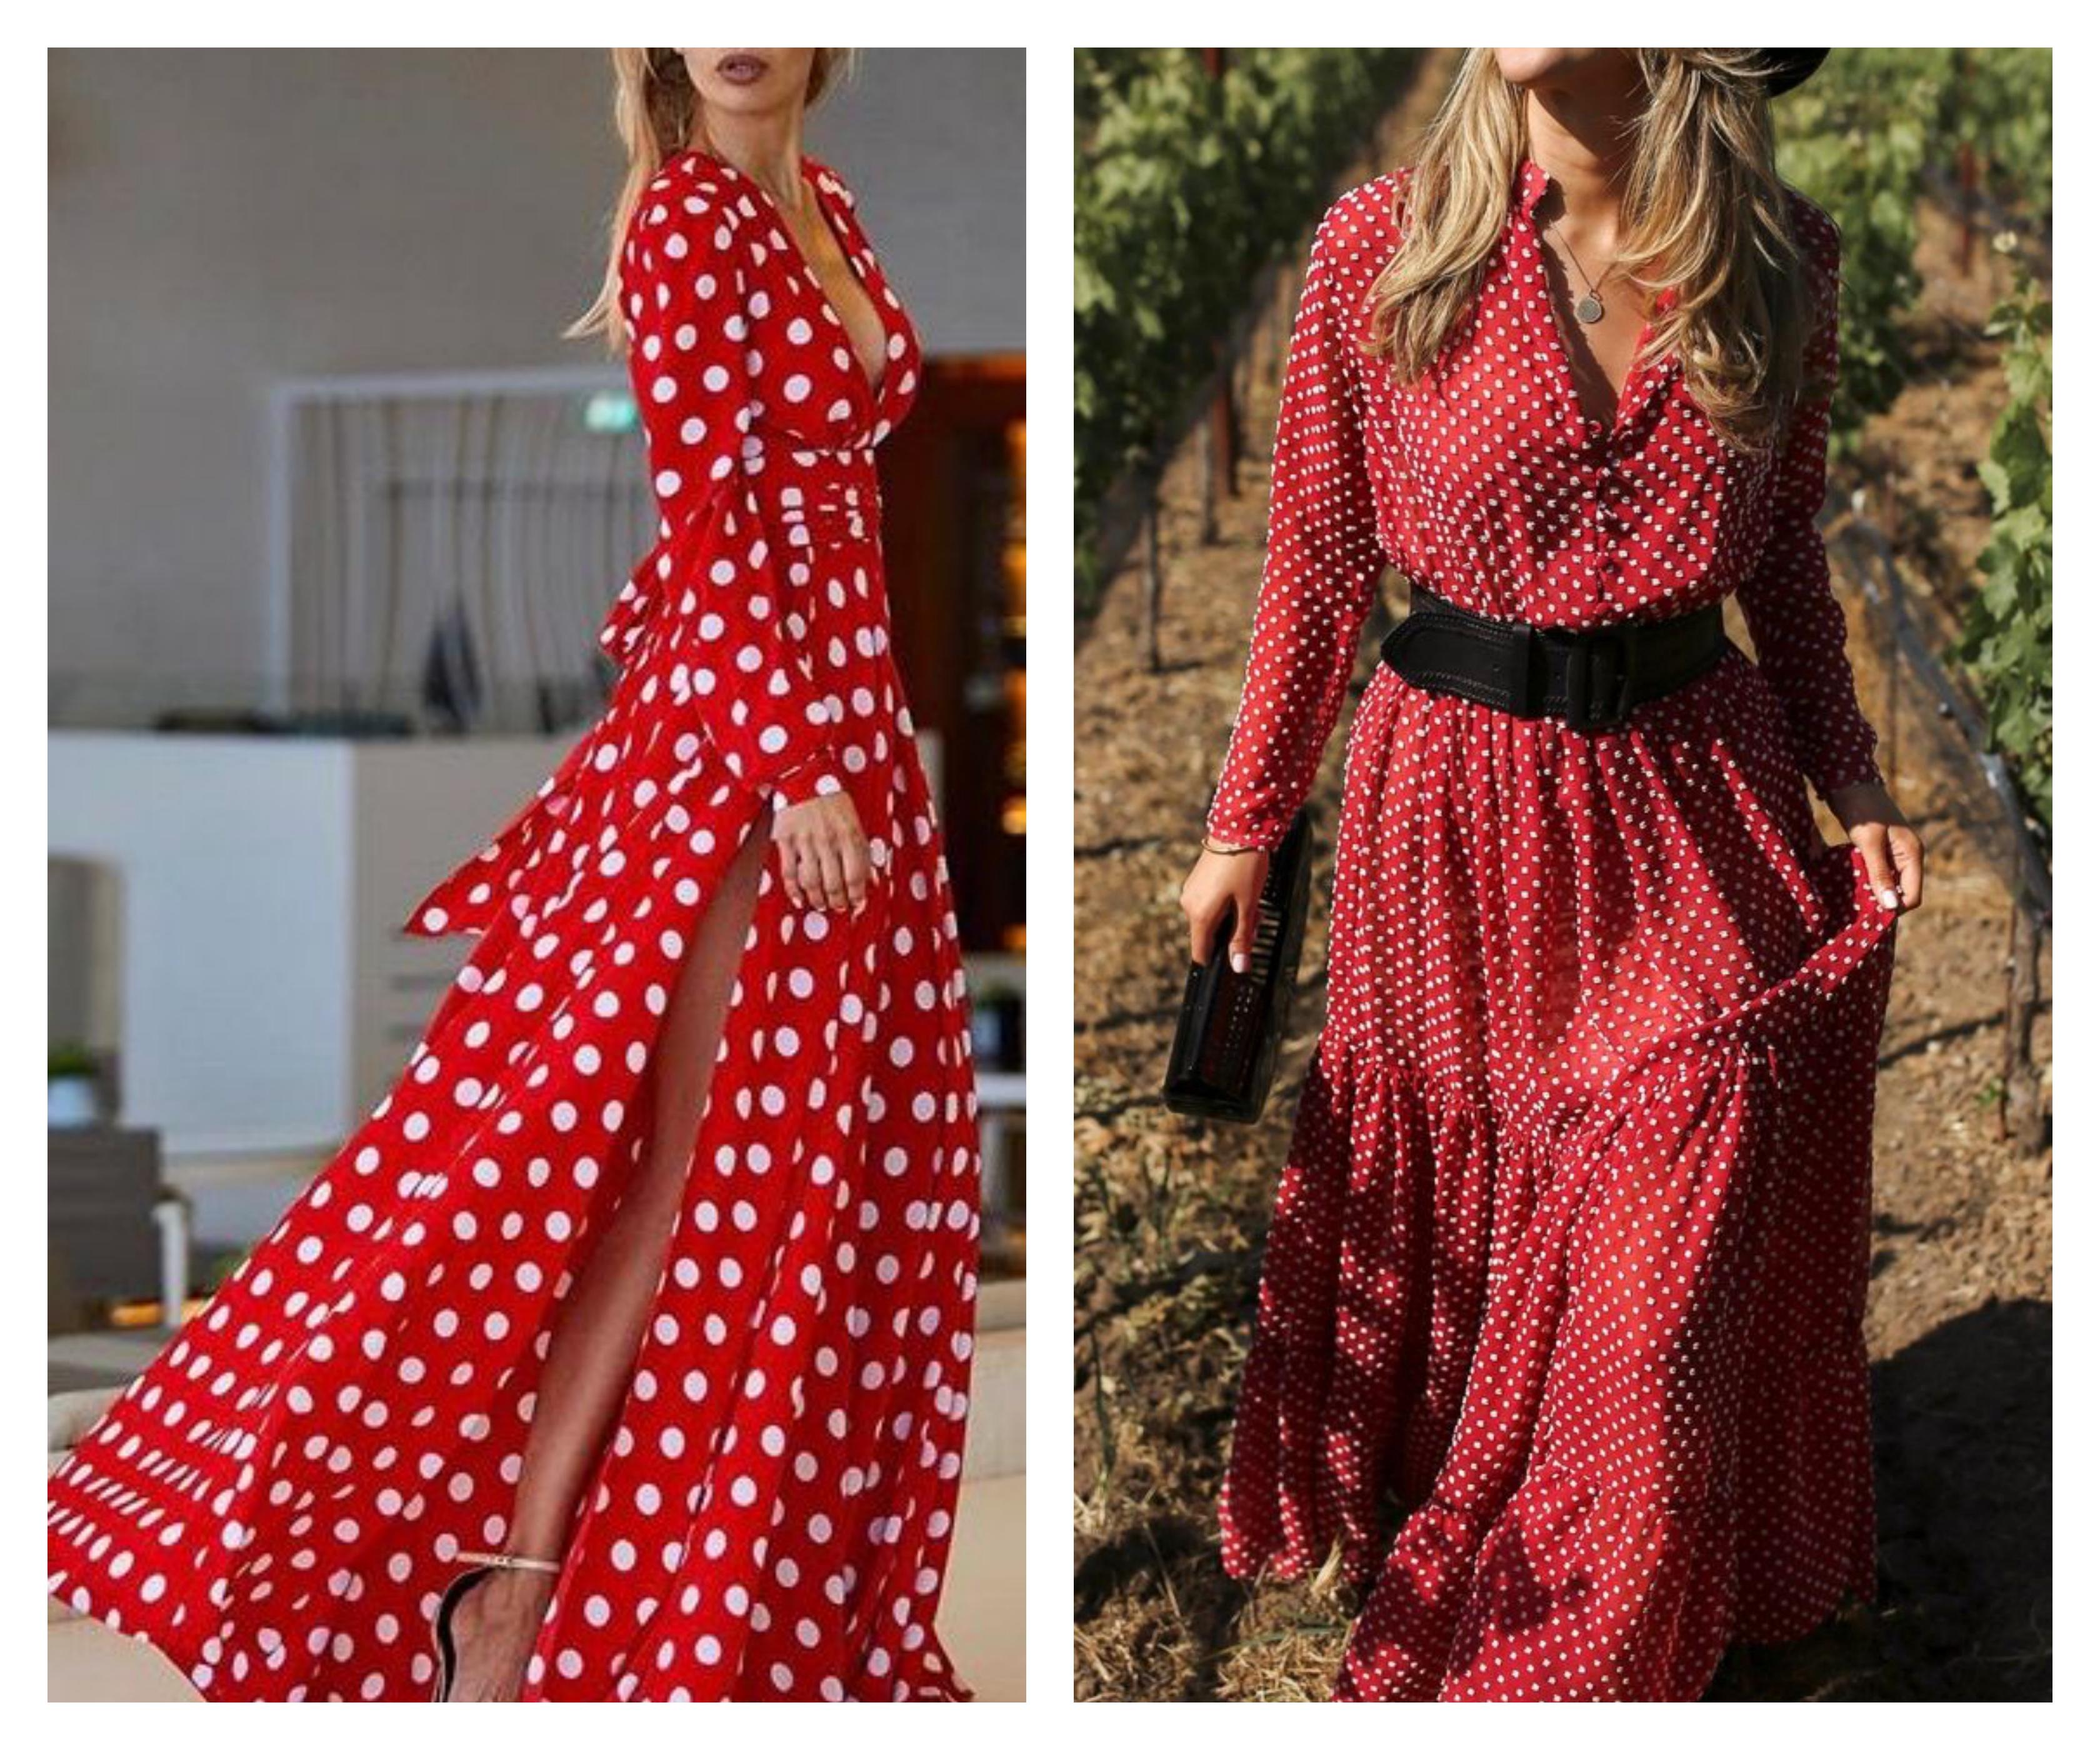 5b0fe00d34a Платье в горошек - dress in peas (93 фото) - Just clothes